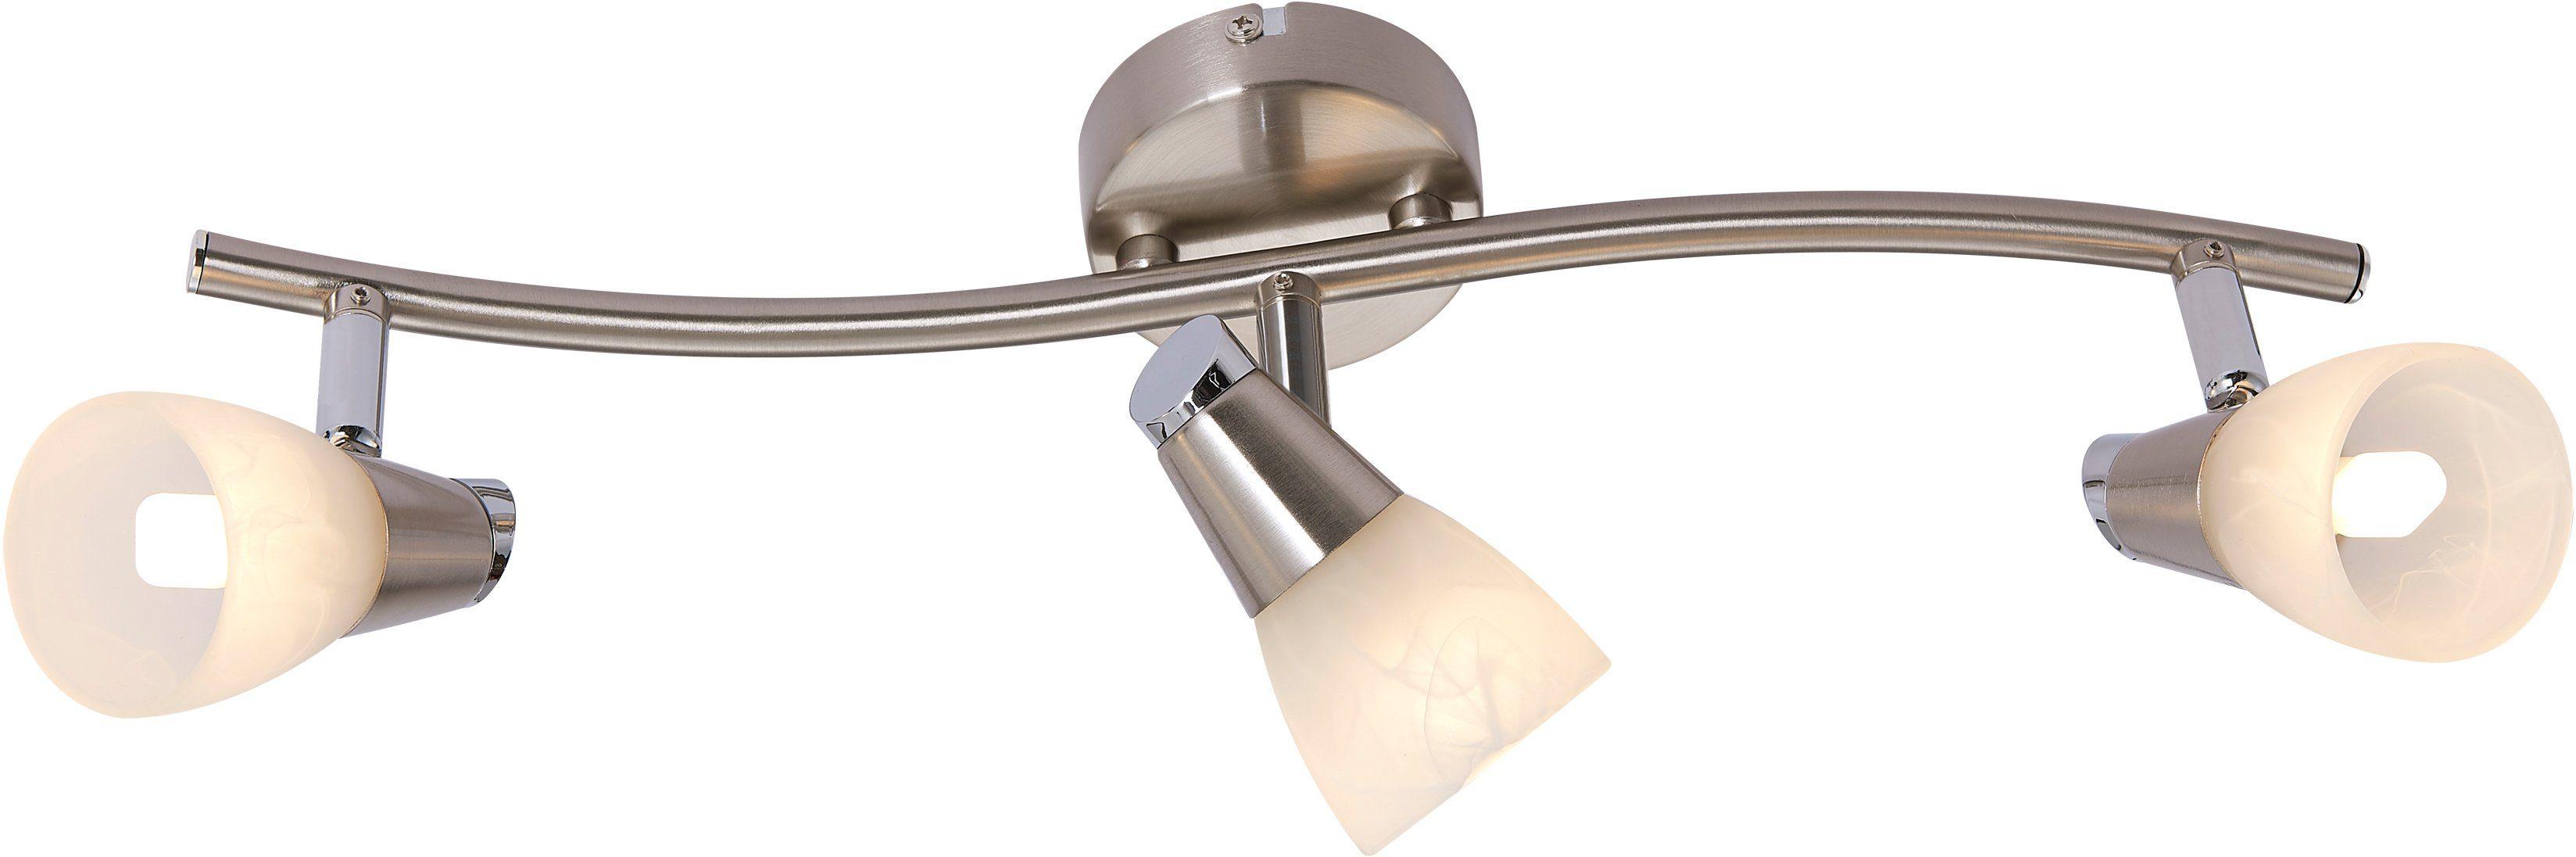 Nino Leuchten LED Deckenstrahler »LAIKA«, 3-flammig